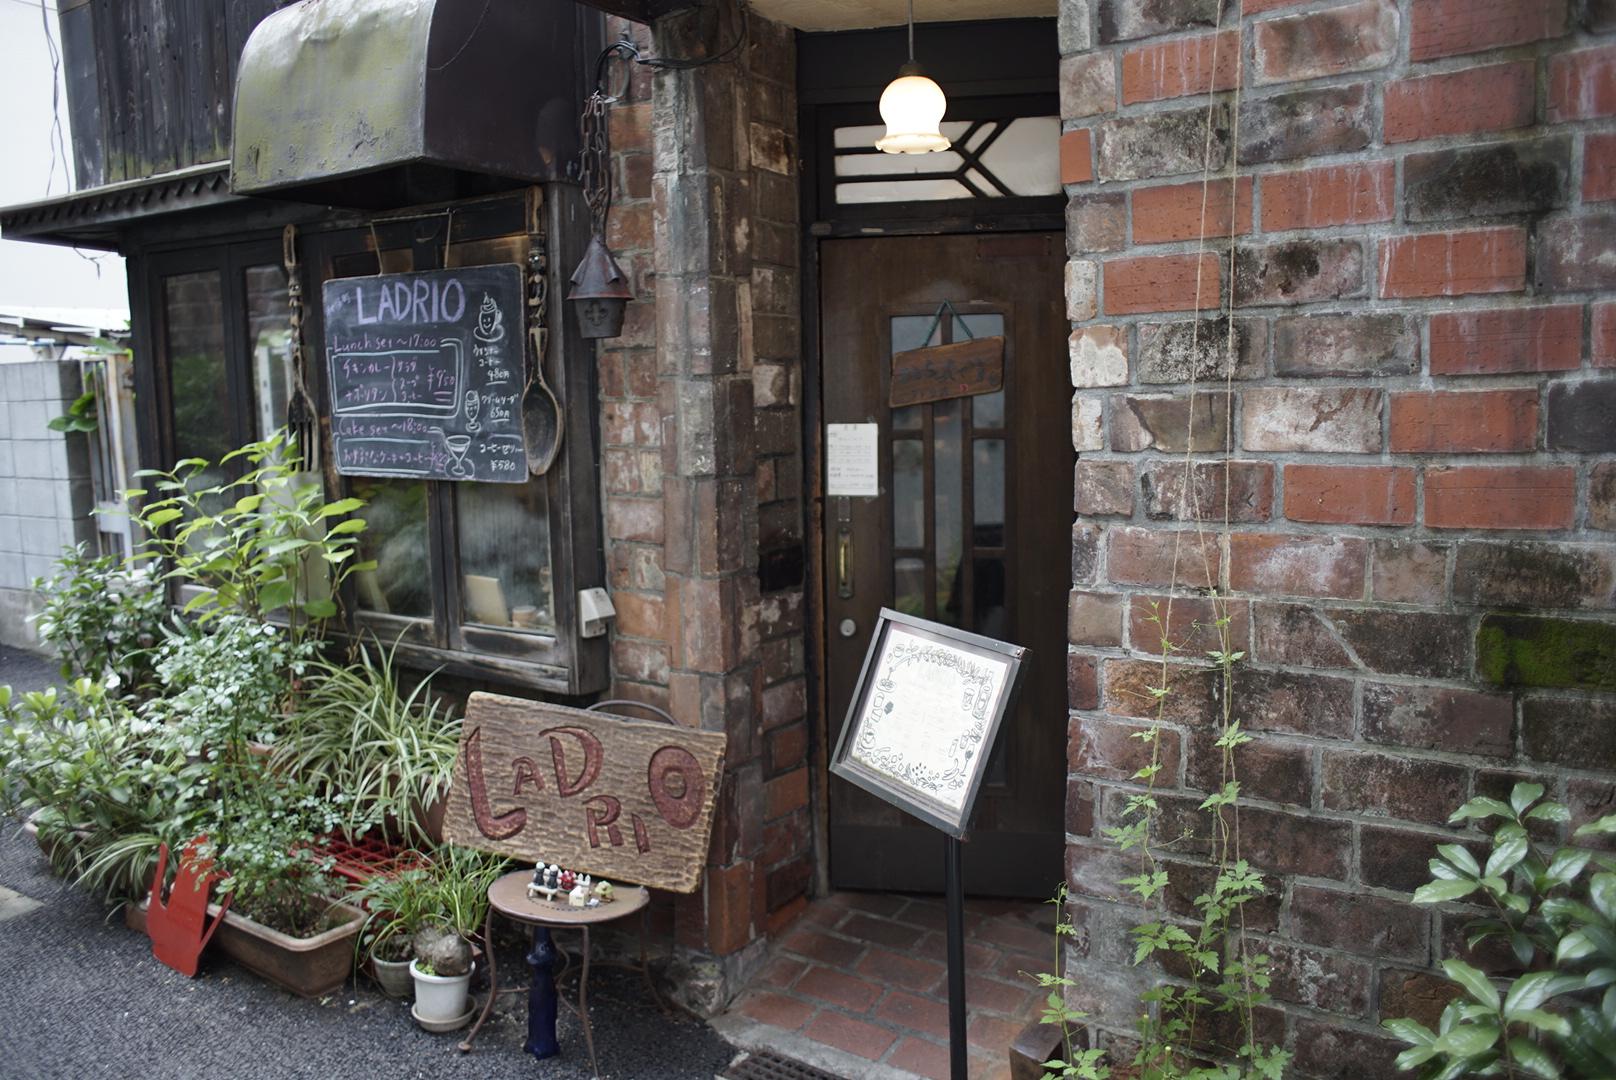 神保町 喫茶店ラドリオ